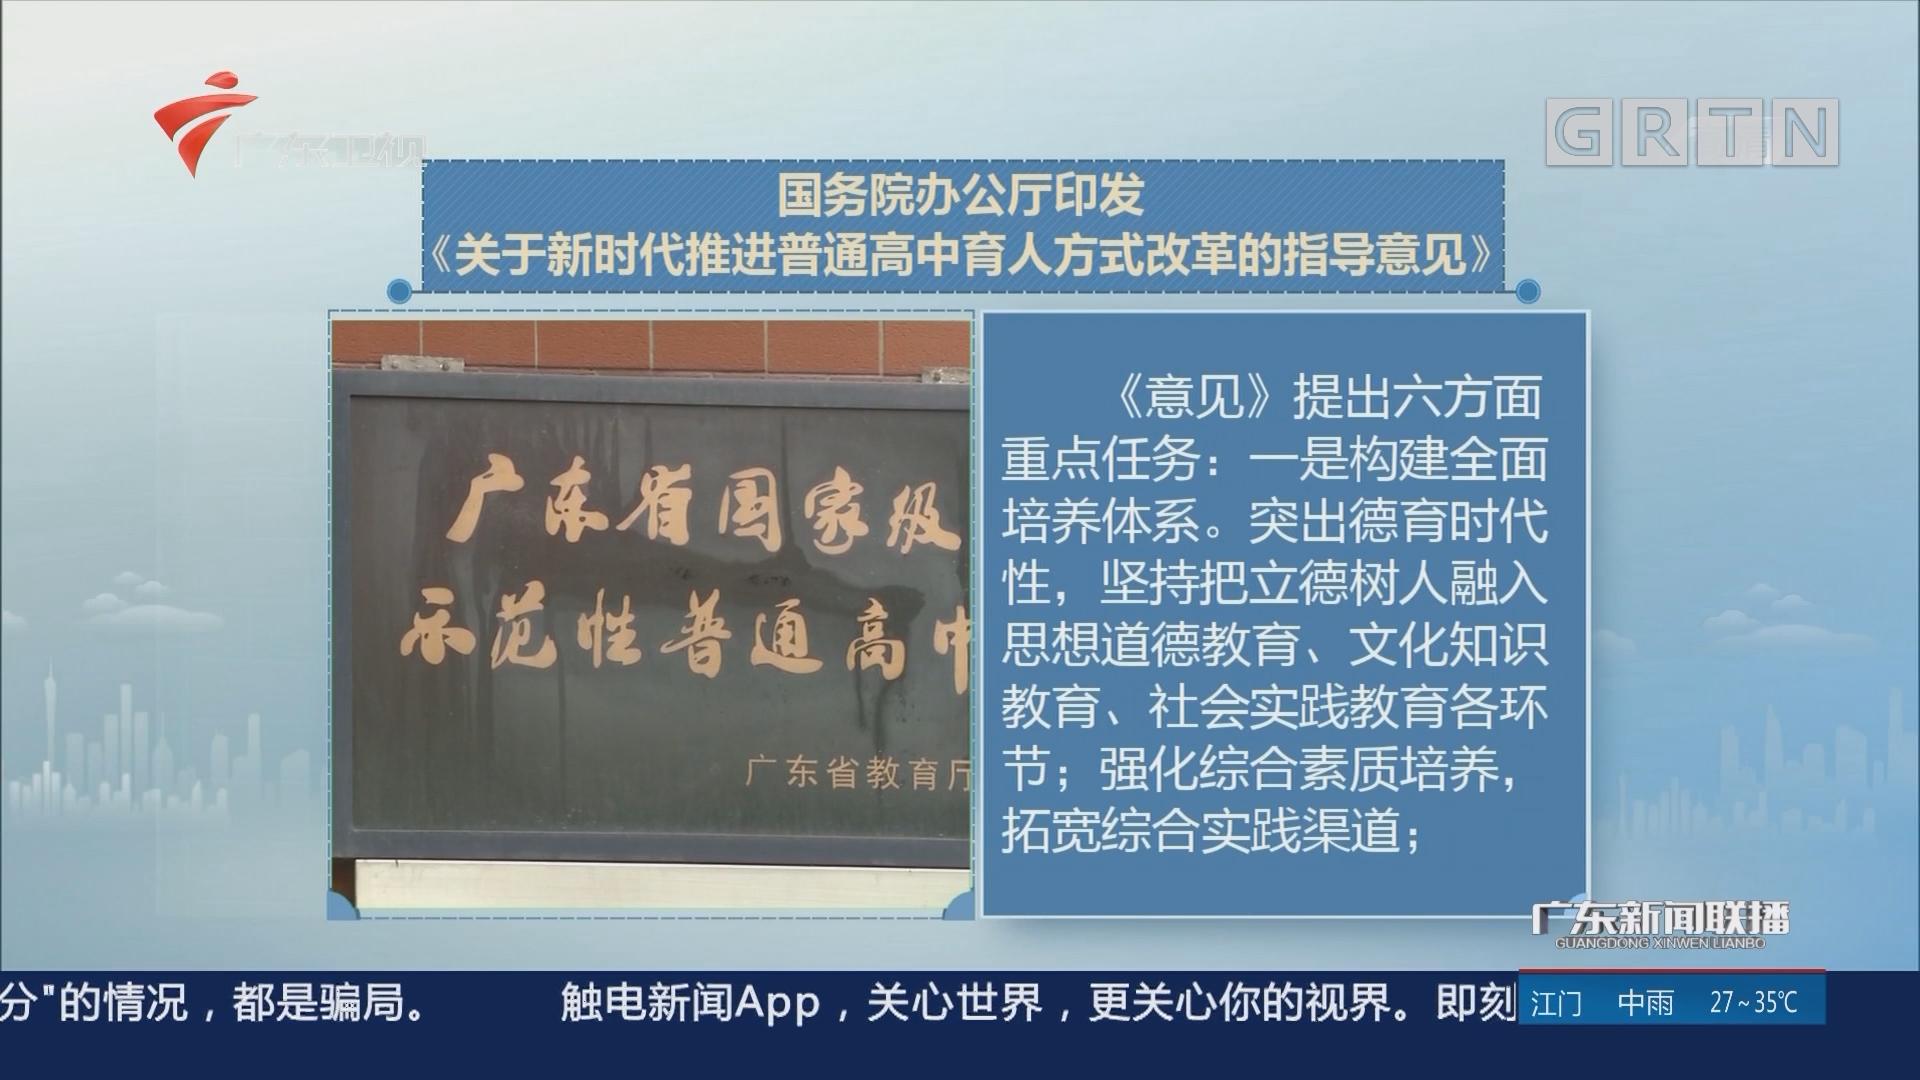 国务院办公厅印发《关于新时代推进普通高中育人方式改革的指导意见》